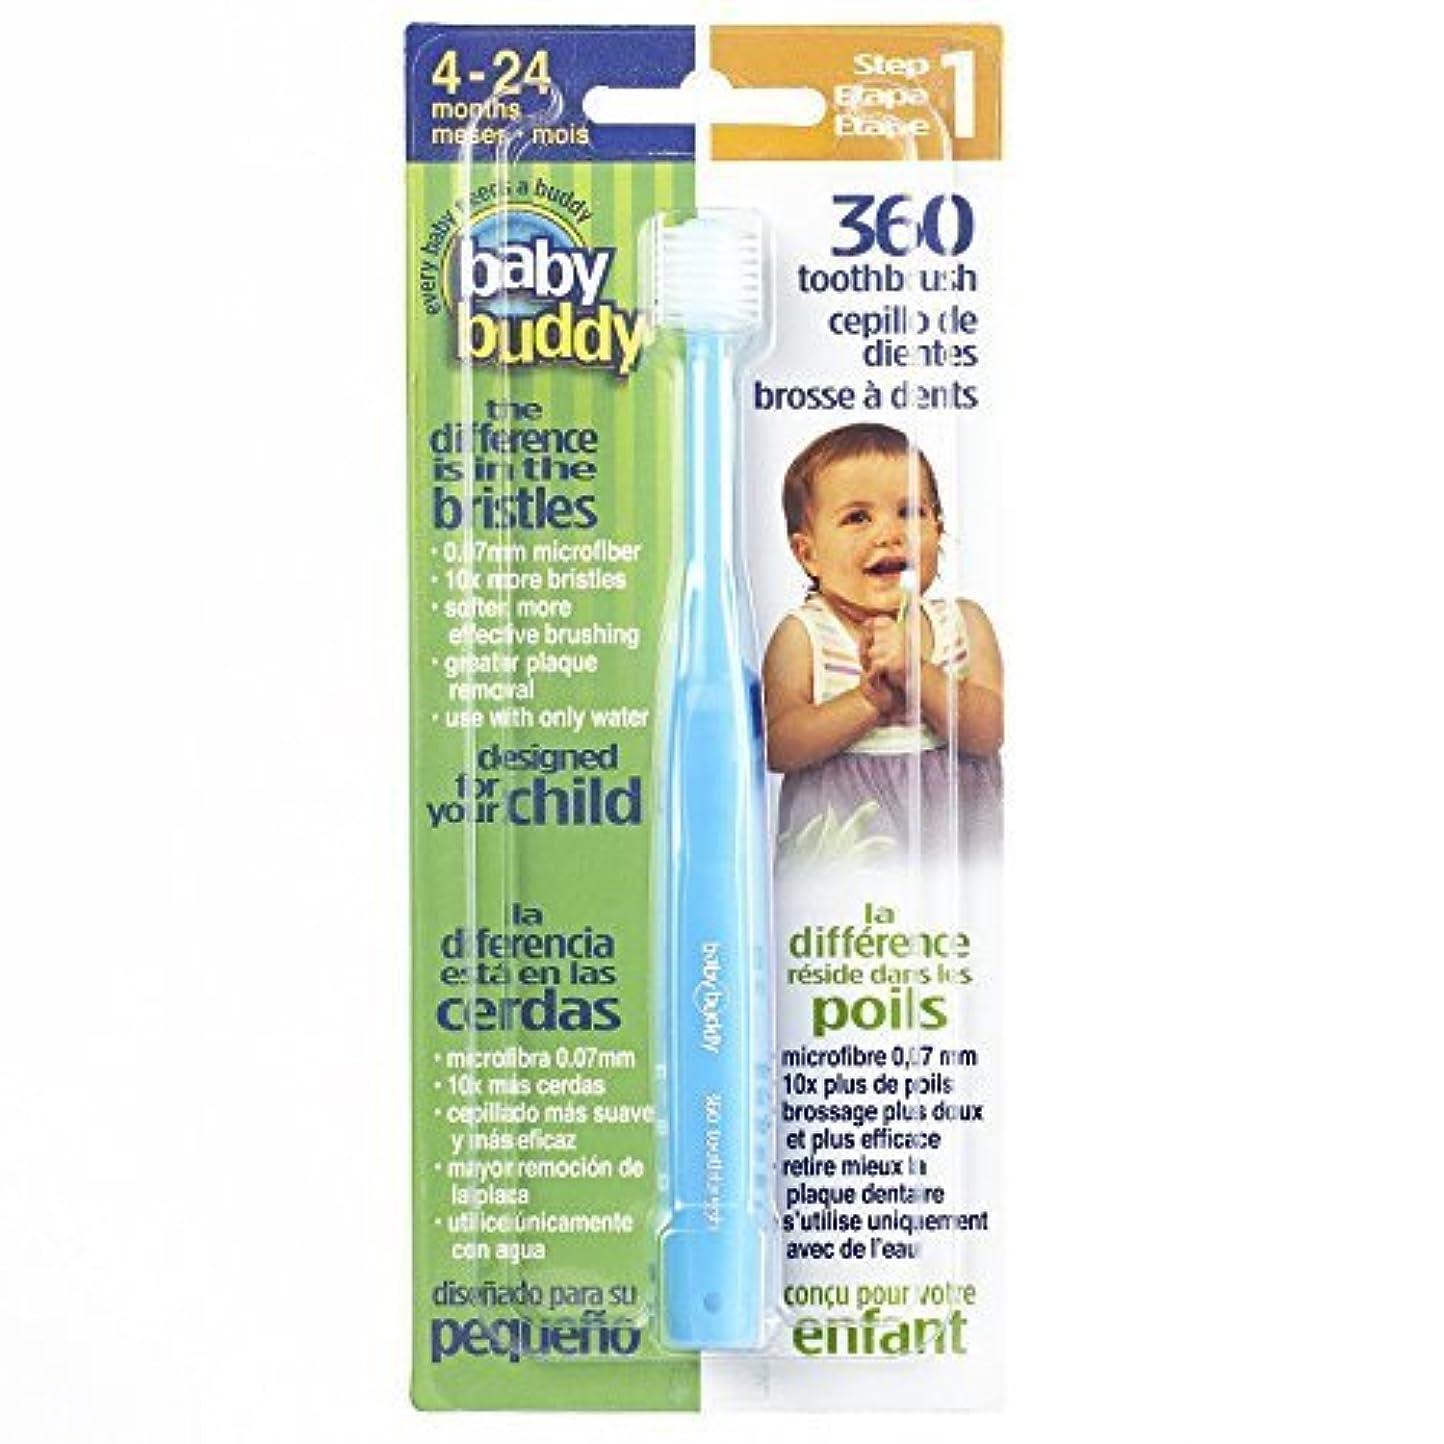 腐敗した革命的足Baby Buddy 360 Toothbrush Step 1, Blue by Baby Buddy [並行輸入品]